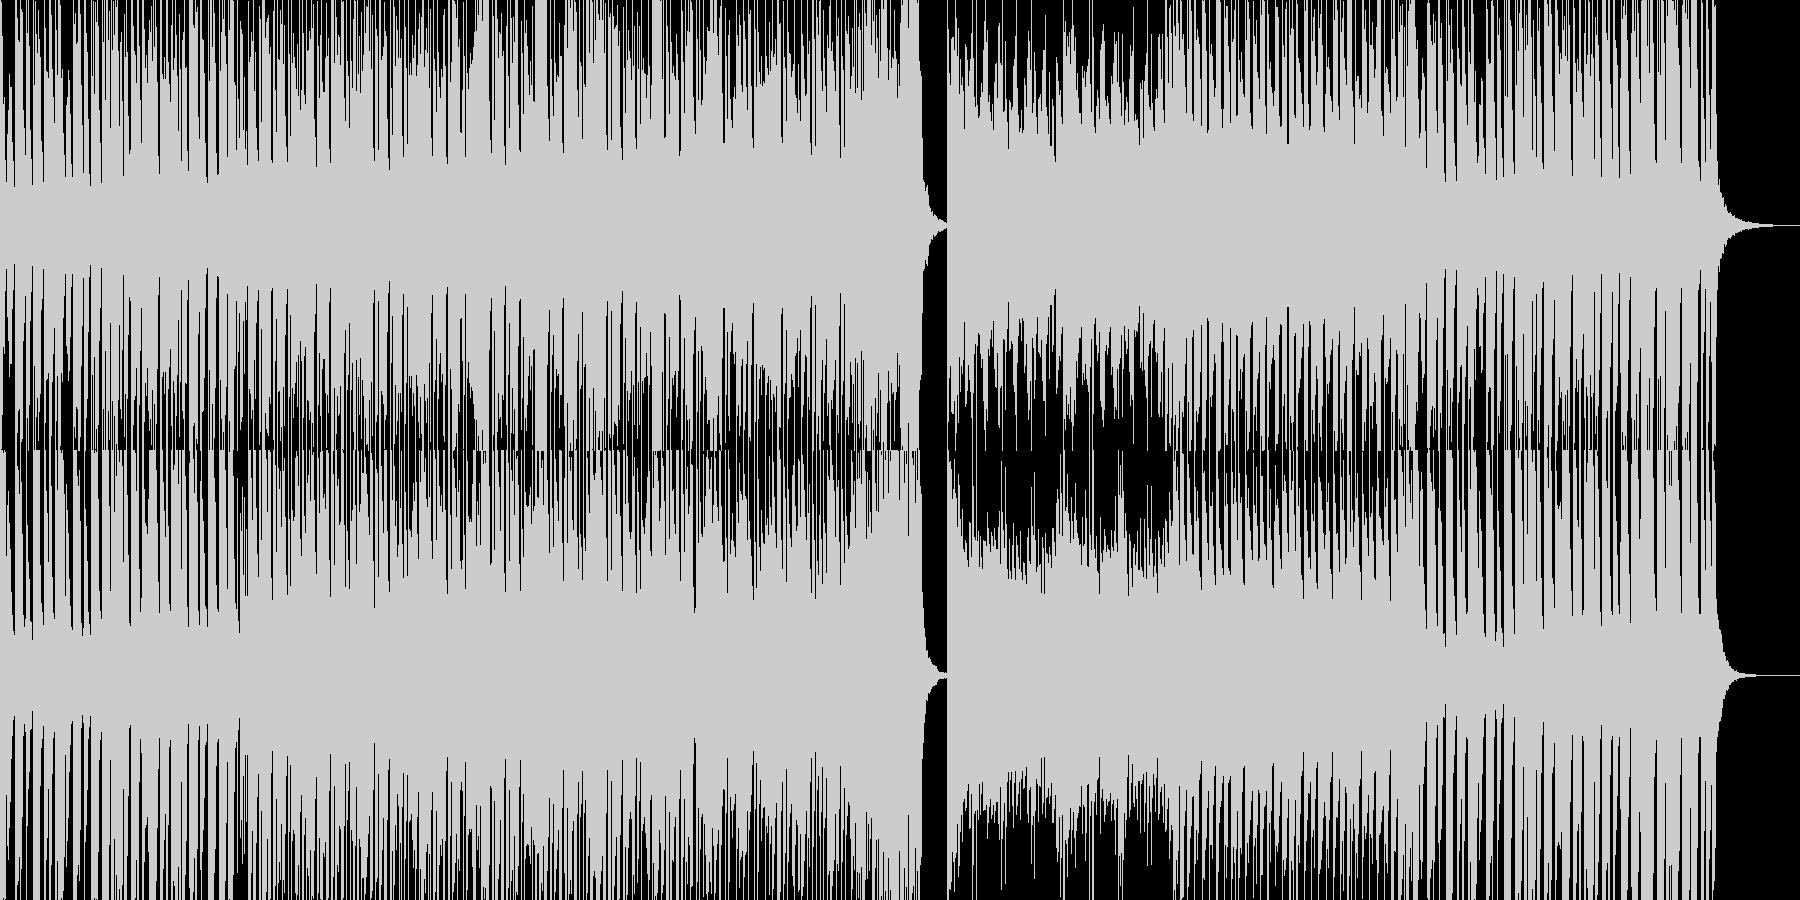 軽快なピアノ曲です。の未再生の波形